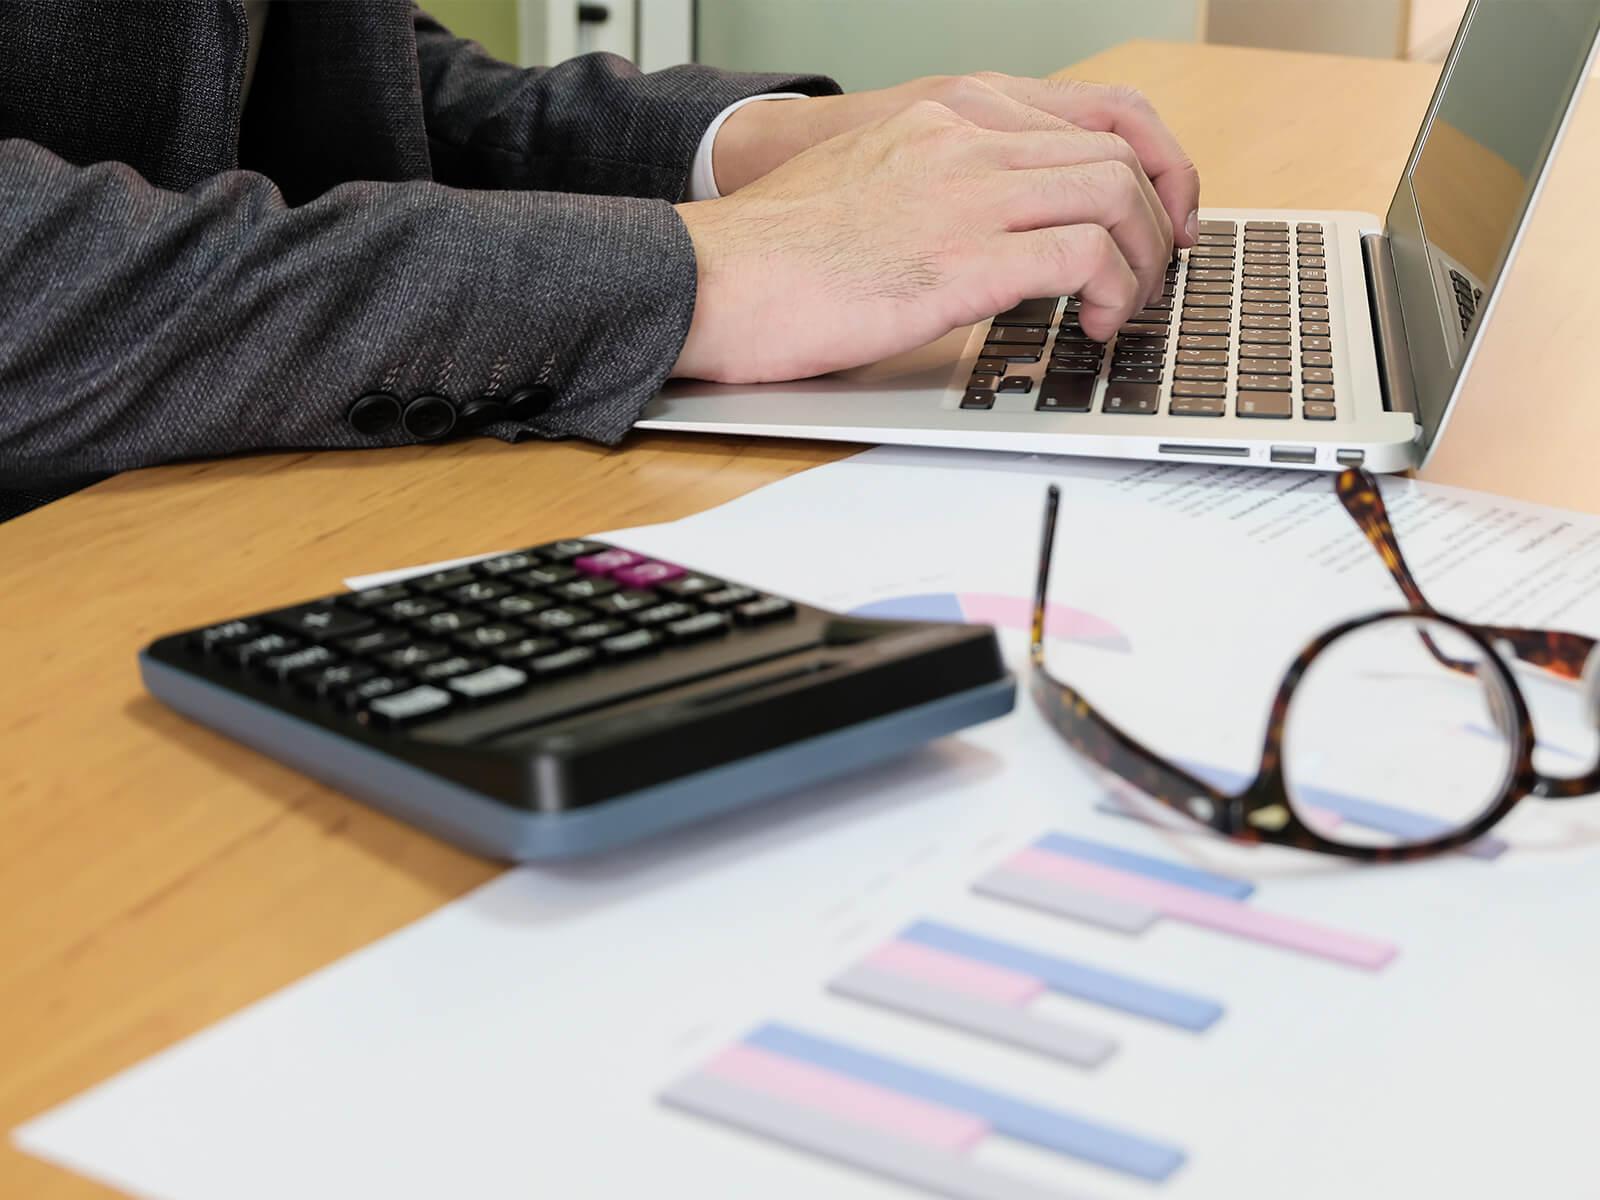 Stellenangebot Steuerfachangestellter in Dortmund